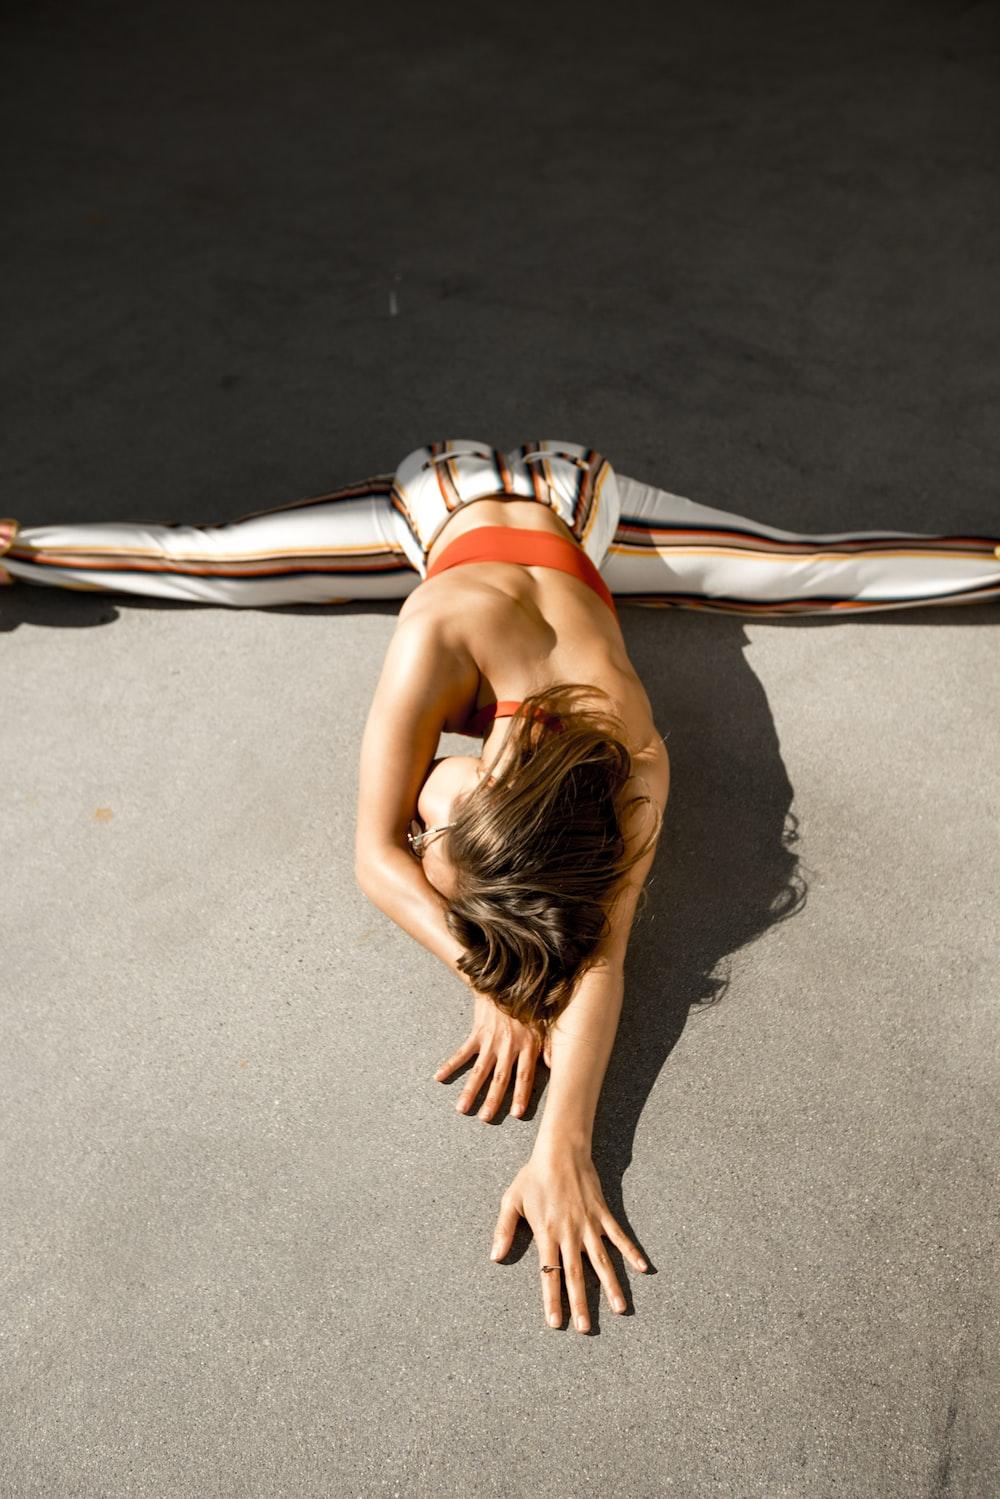 woman split her legs